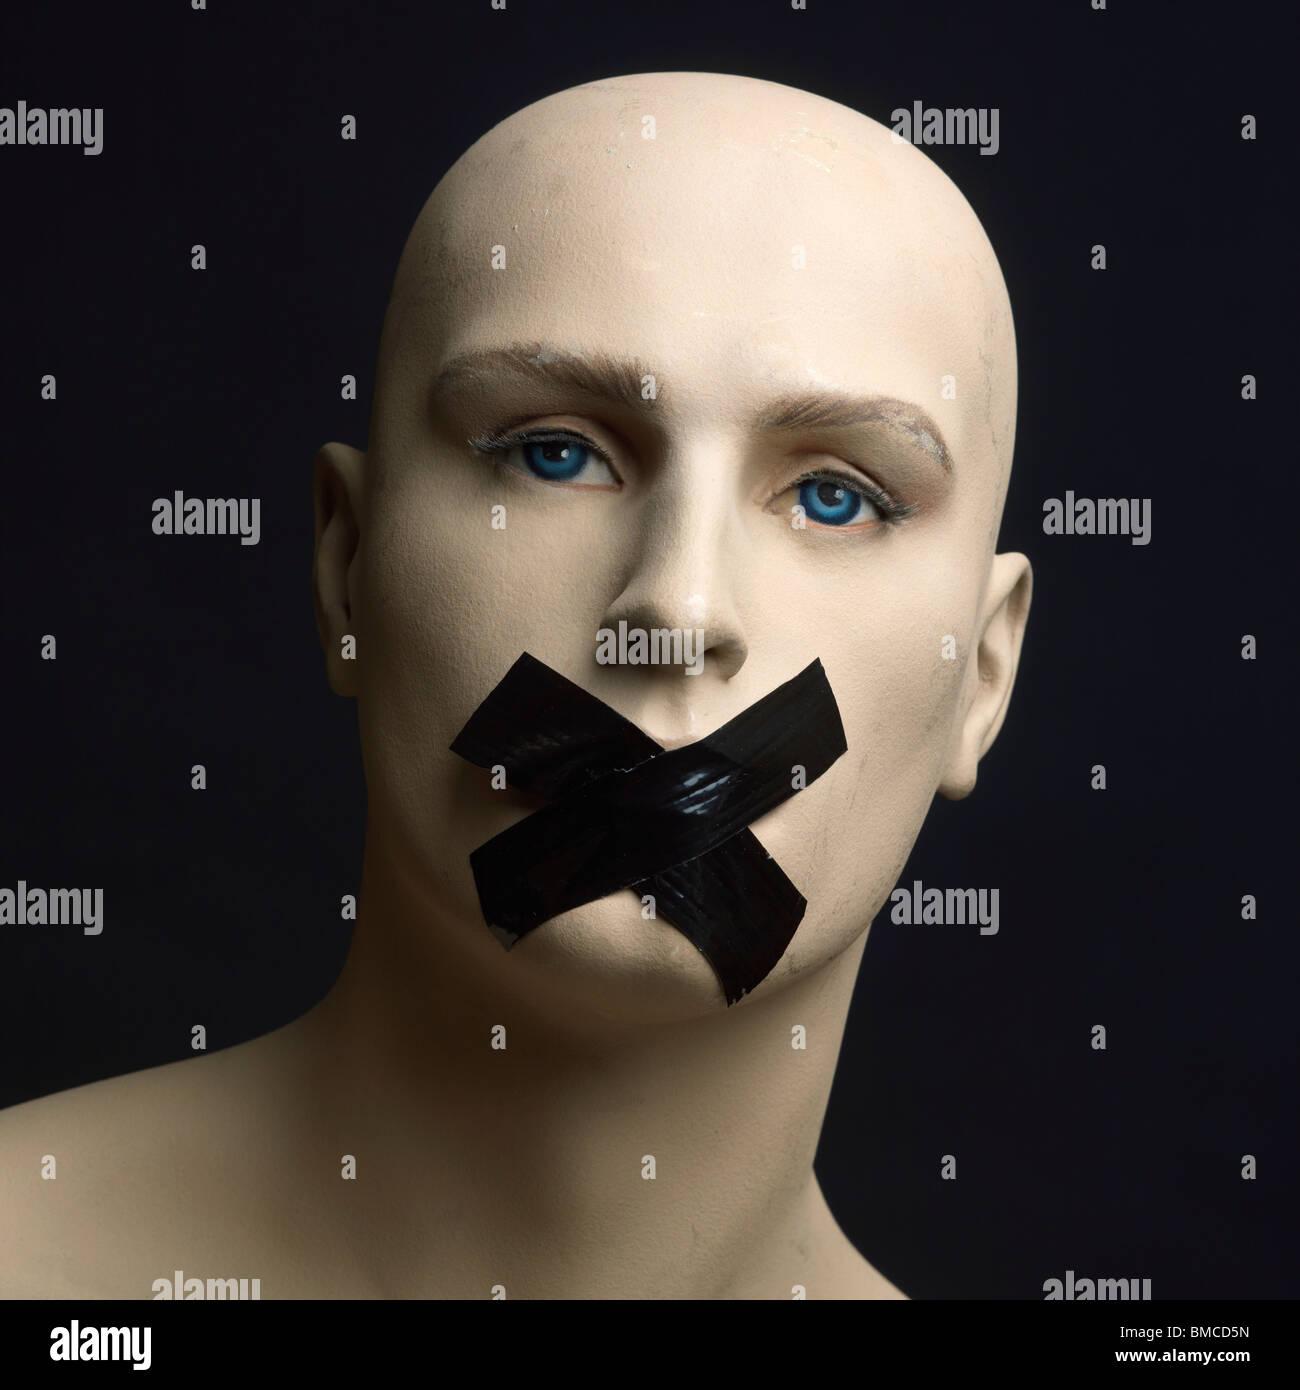 Manichino manichino, di nastro adesivo sopra la bocca - la censura / Segretezza / gagging / silenzio / free speech Immagini Stock